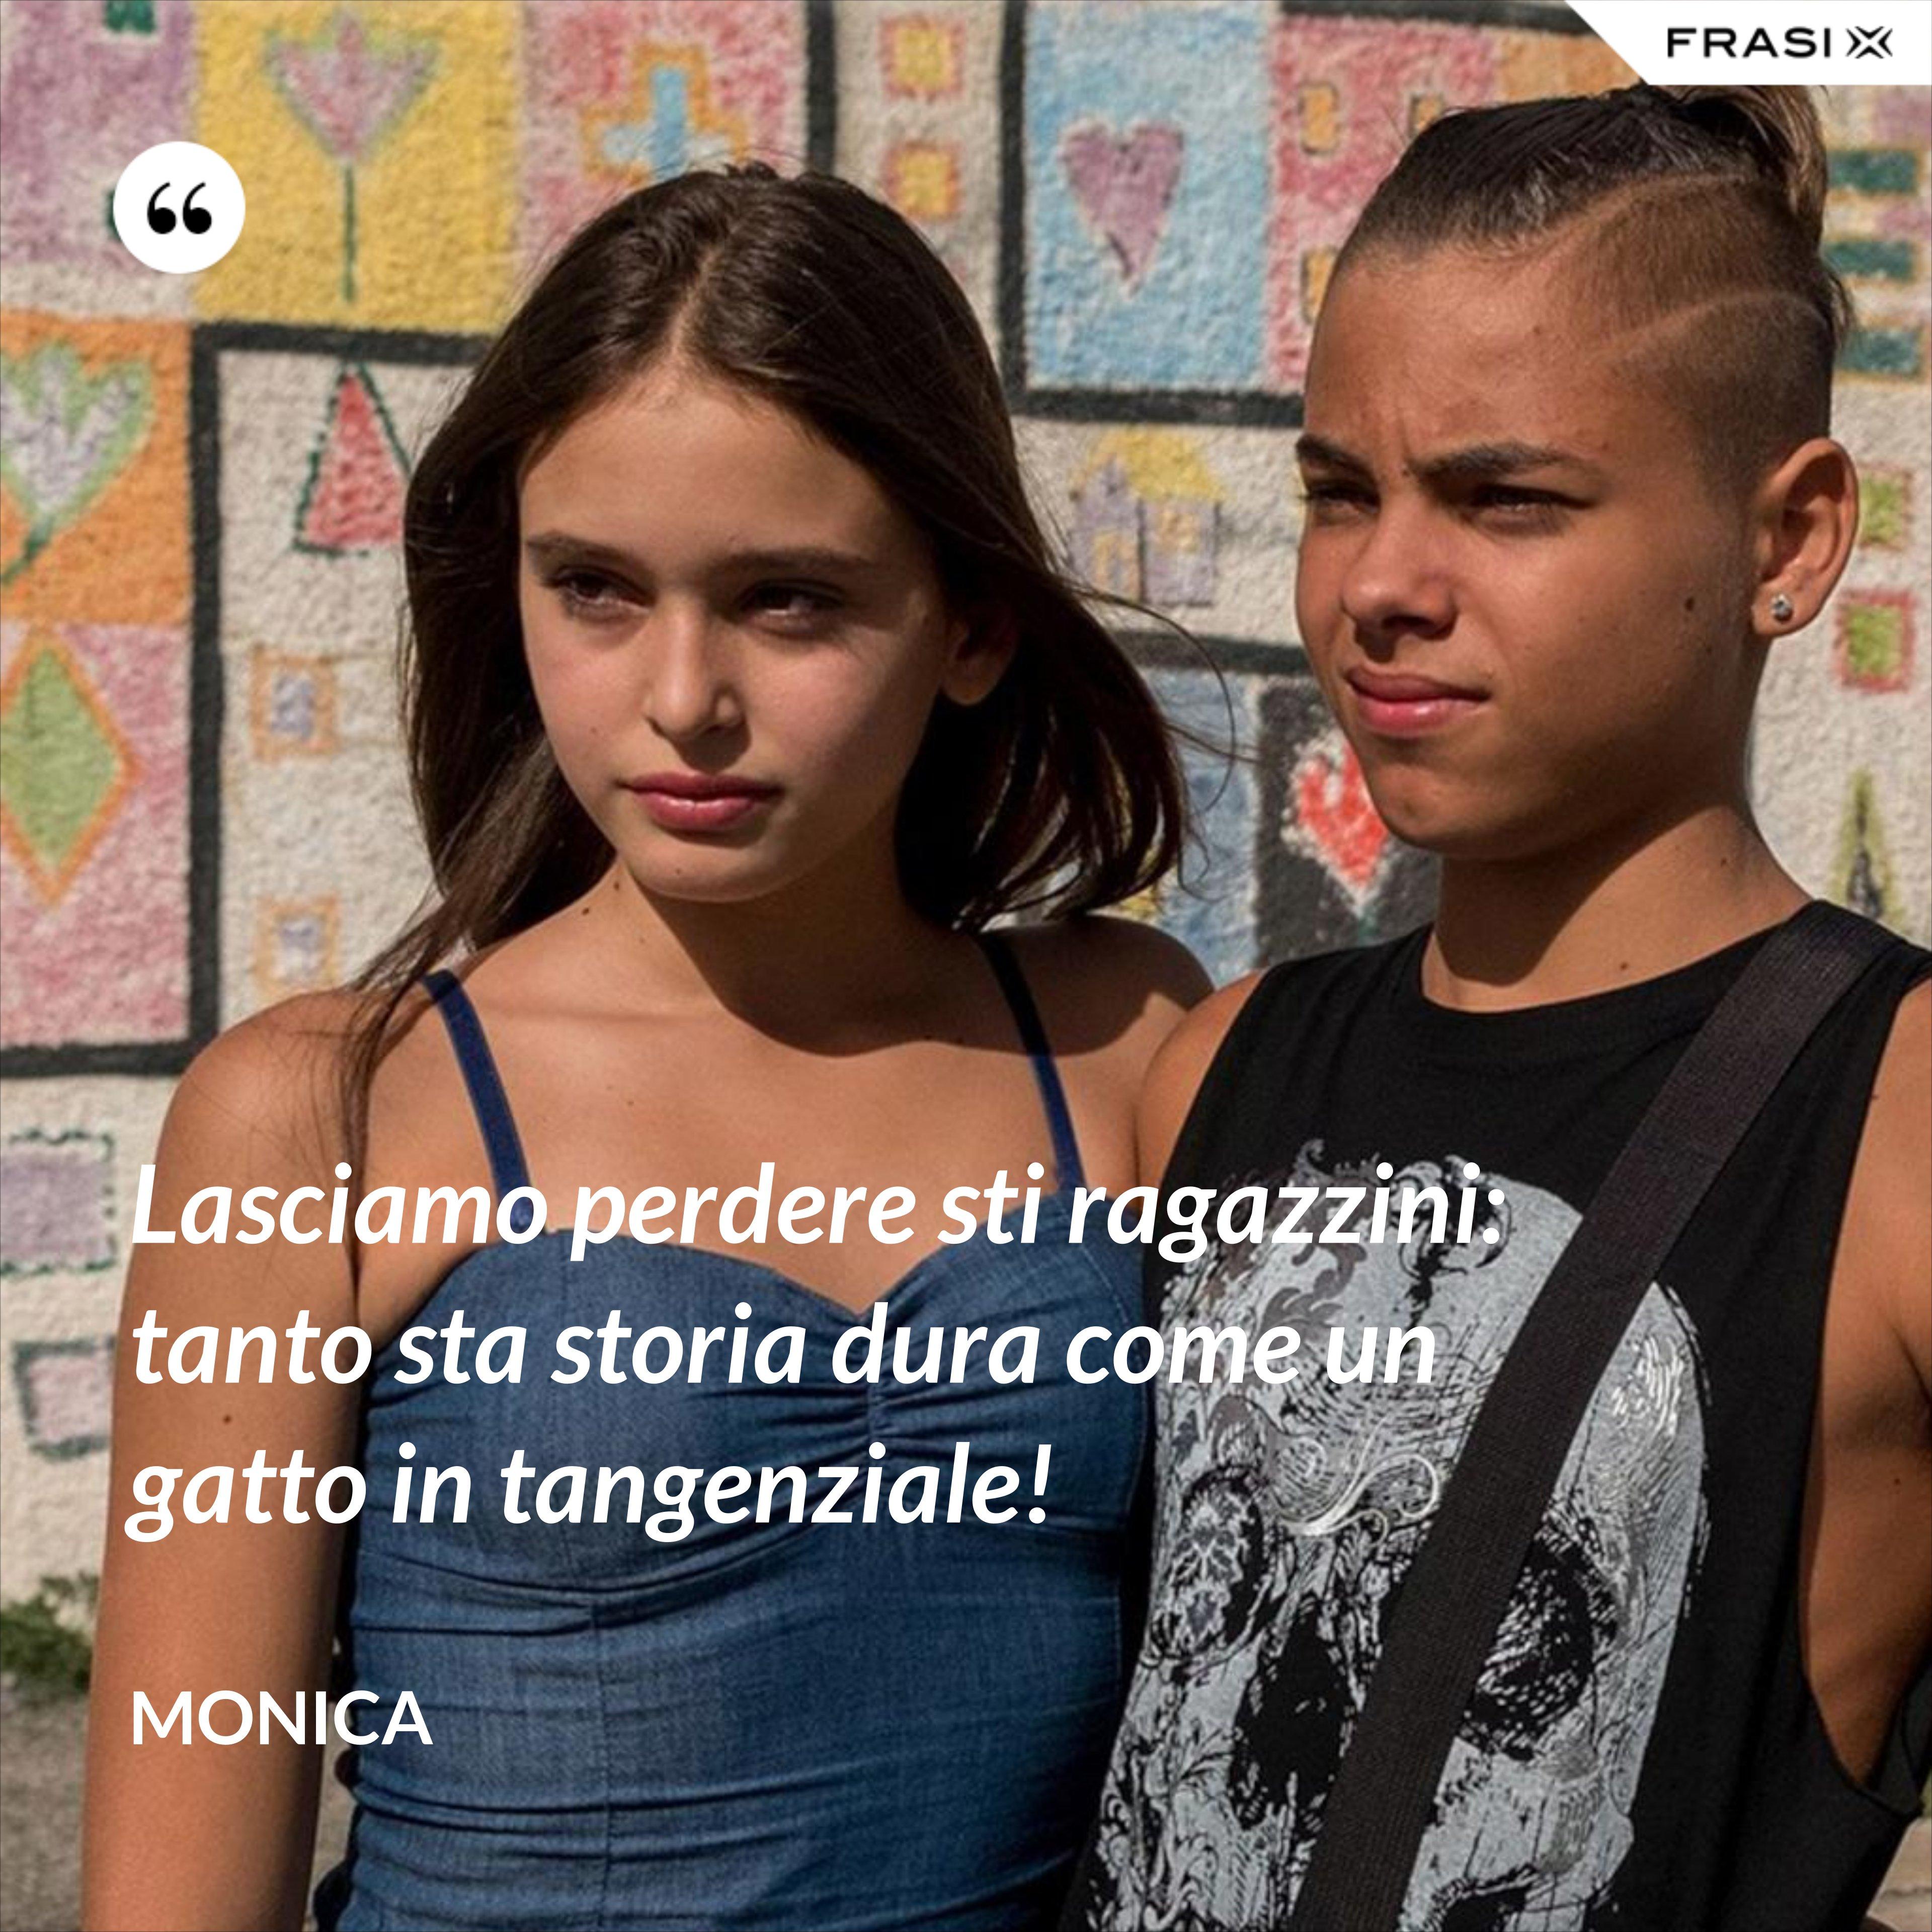 Lasciamo perdere sti ragazzini: tanto sta storia dura come un gatto in tangenziale! - Monica